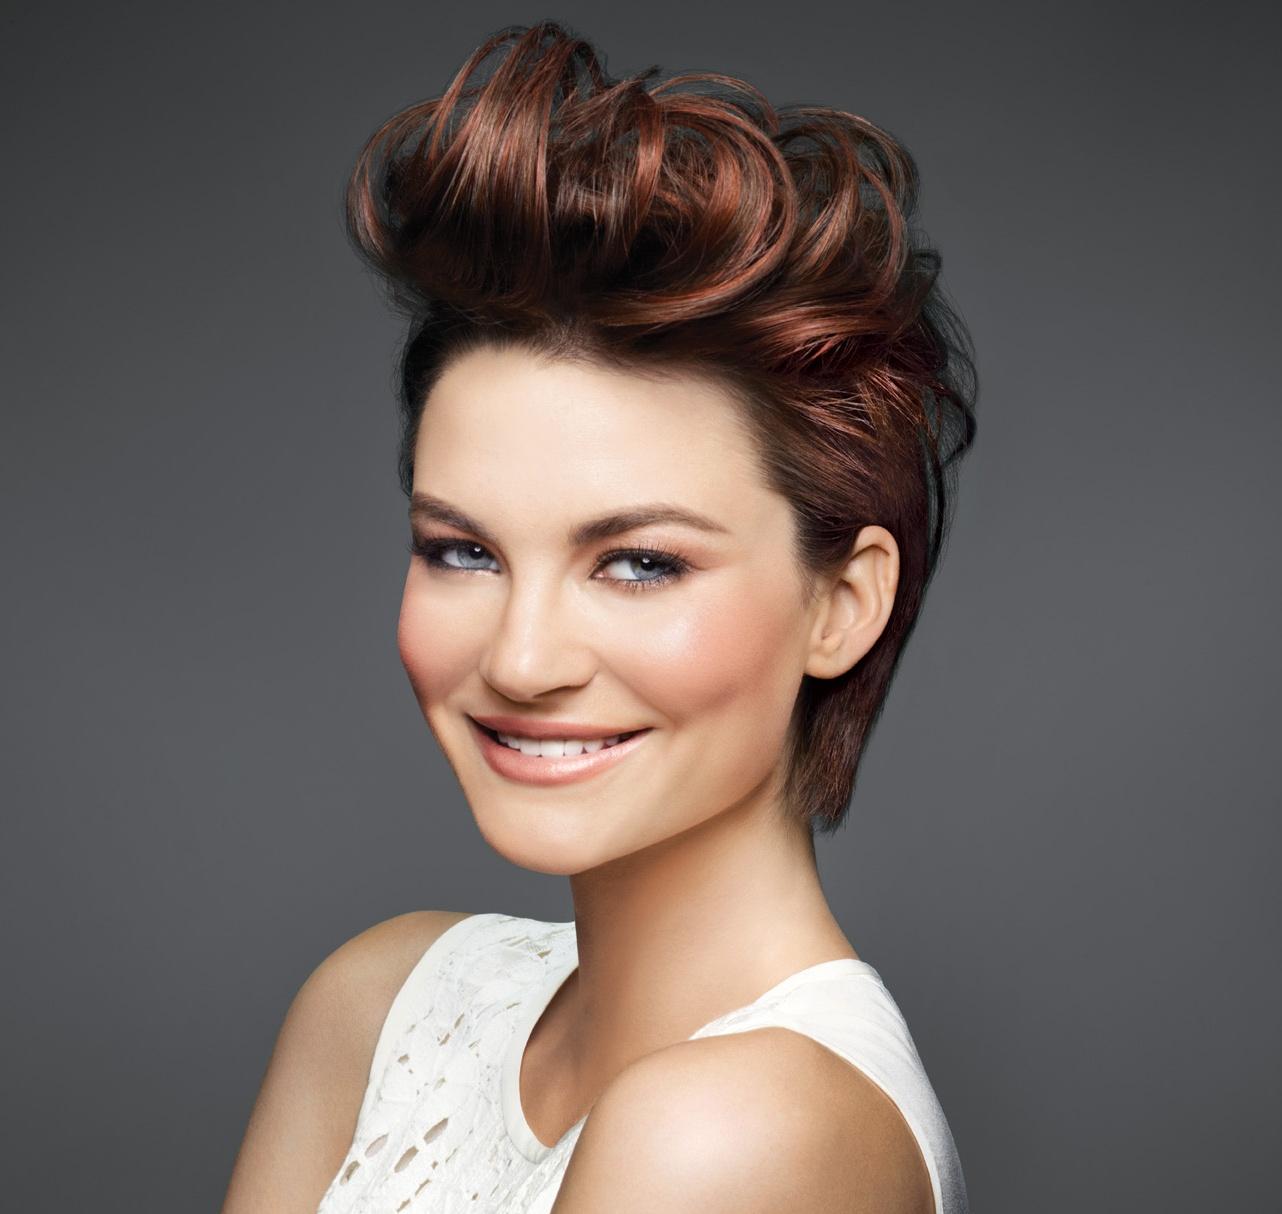 Короткая стрижка 2018 на каштановые волосы